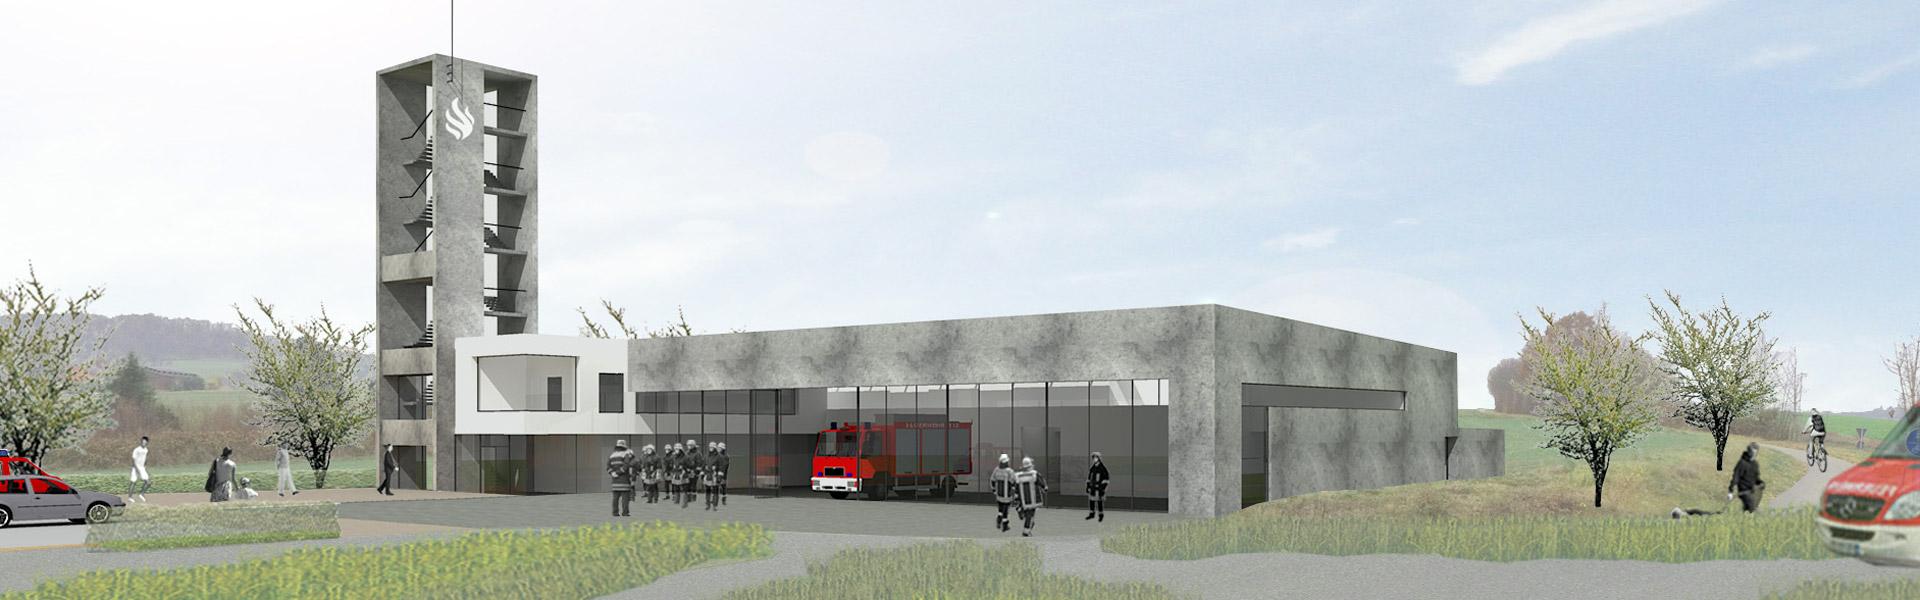 feuerwehrhaus_oberderdingen